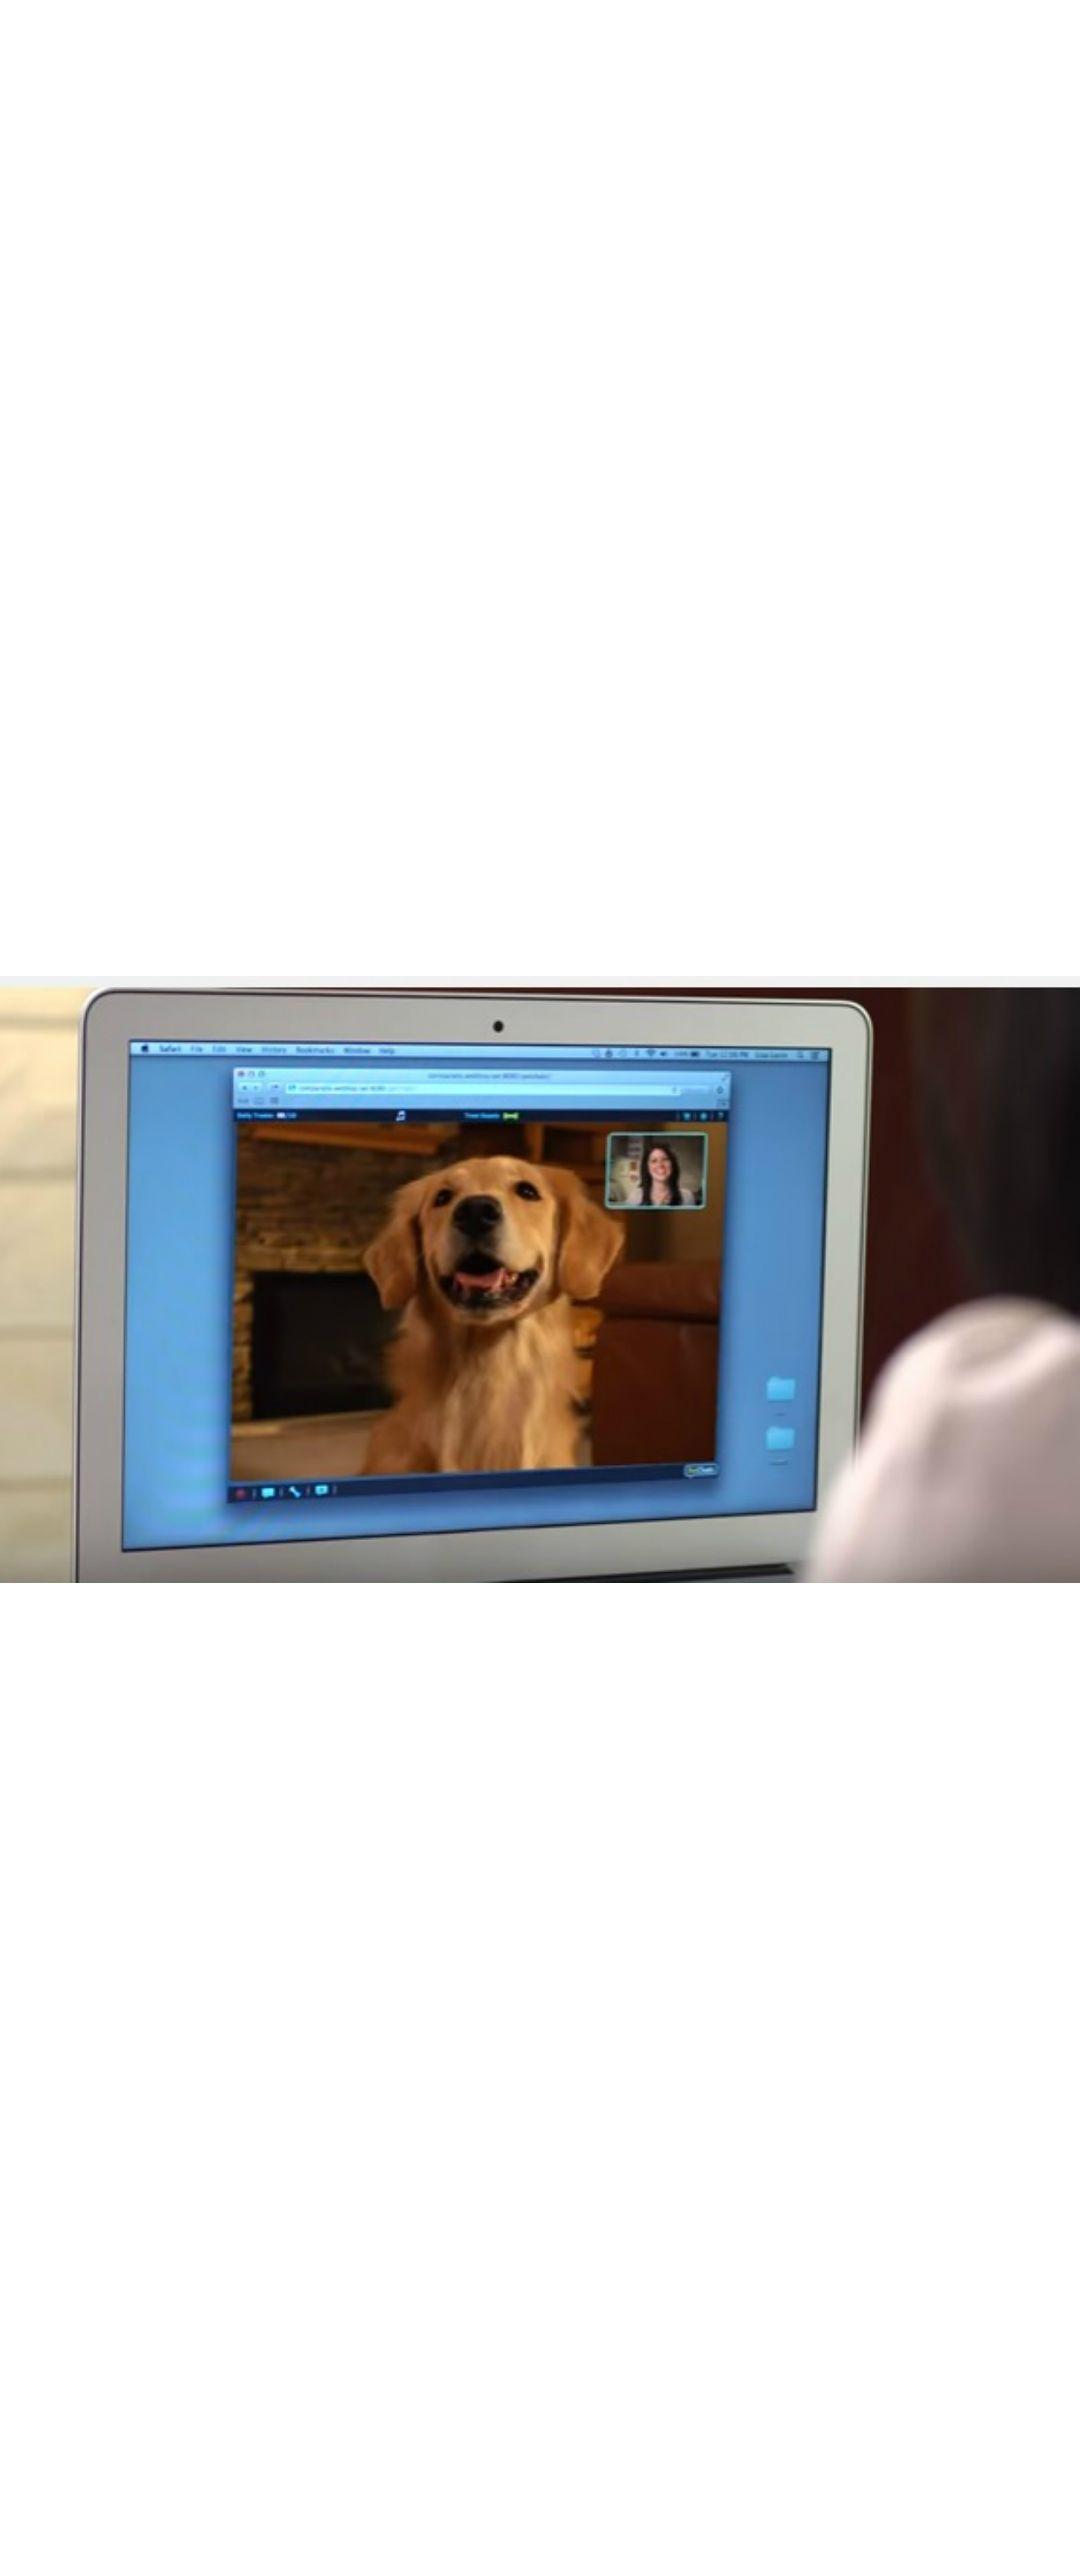 Gracias a la tecnolog�a, ahora puedes chatear con tus mascotas